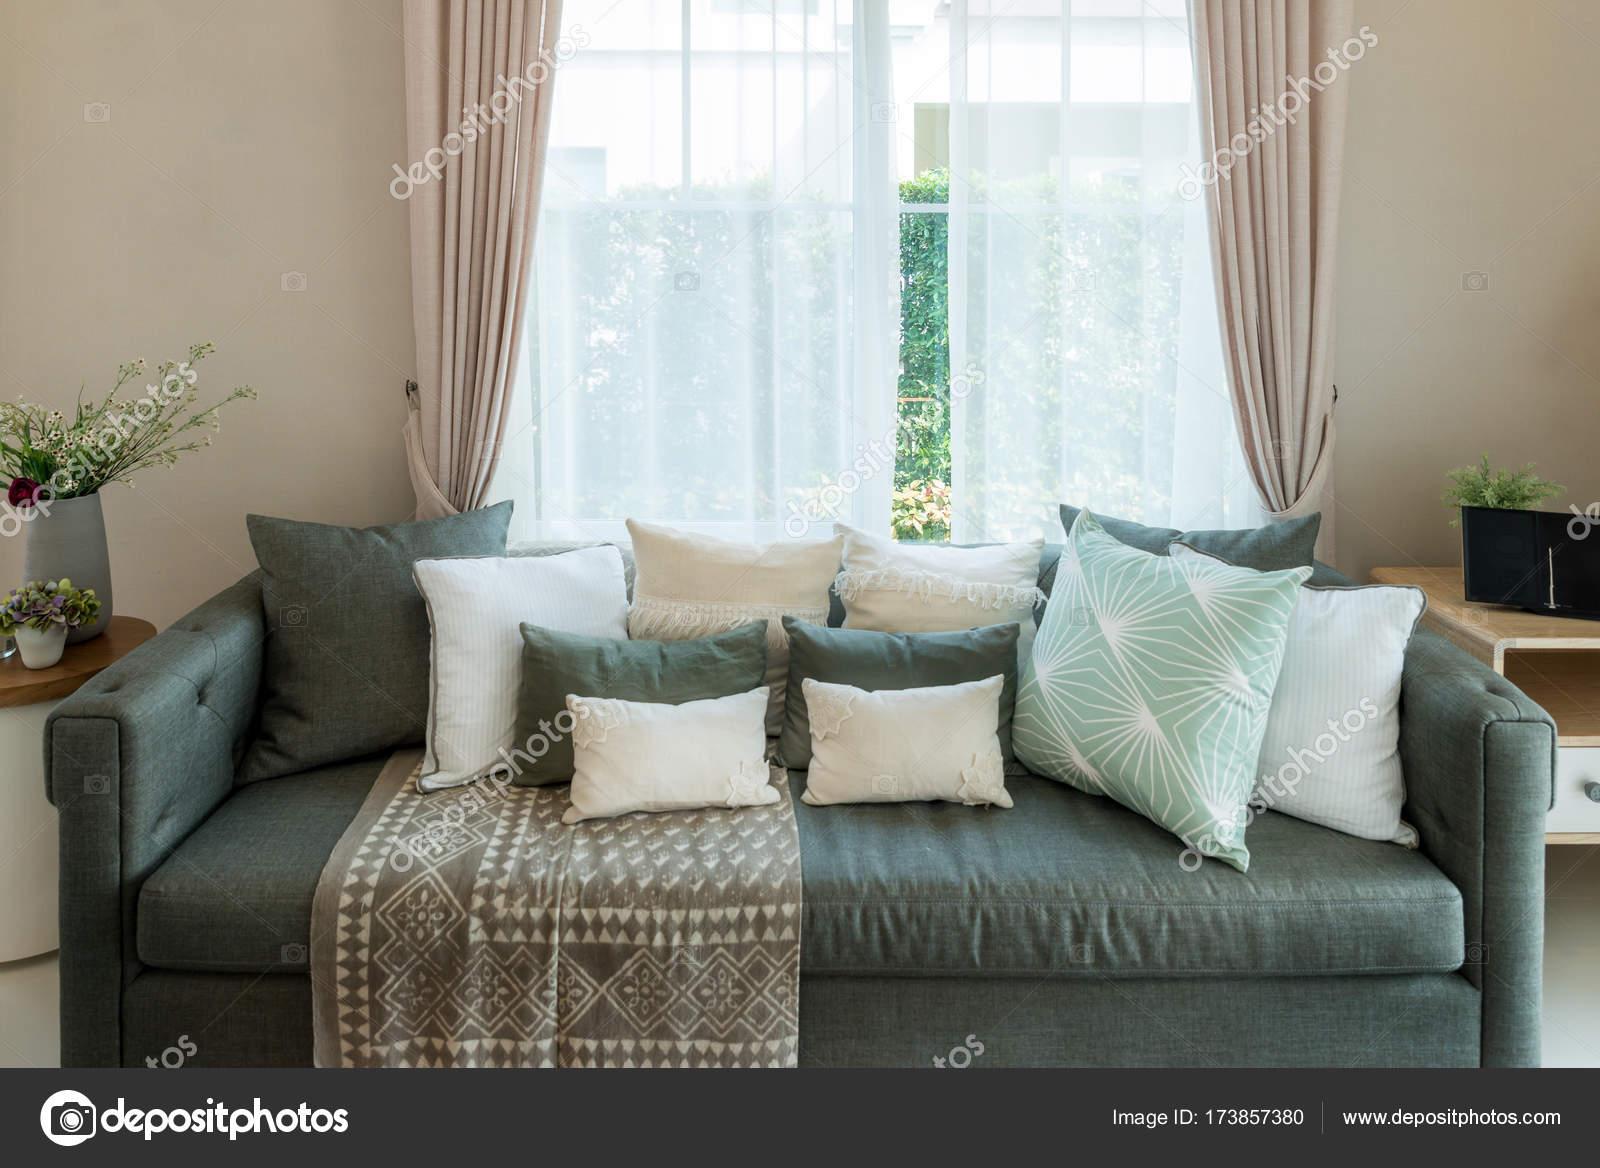 Klassische Vintage-Stil-Möbel-Satz in einem Wohnzimmer. Innen o ...